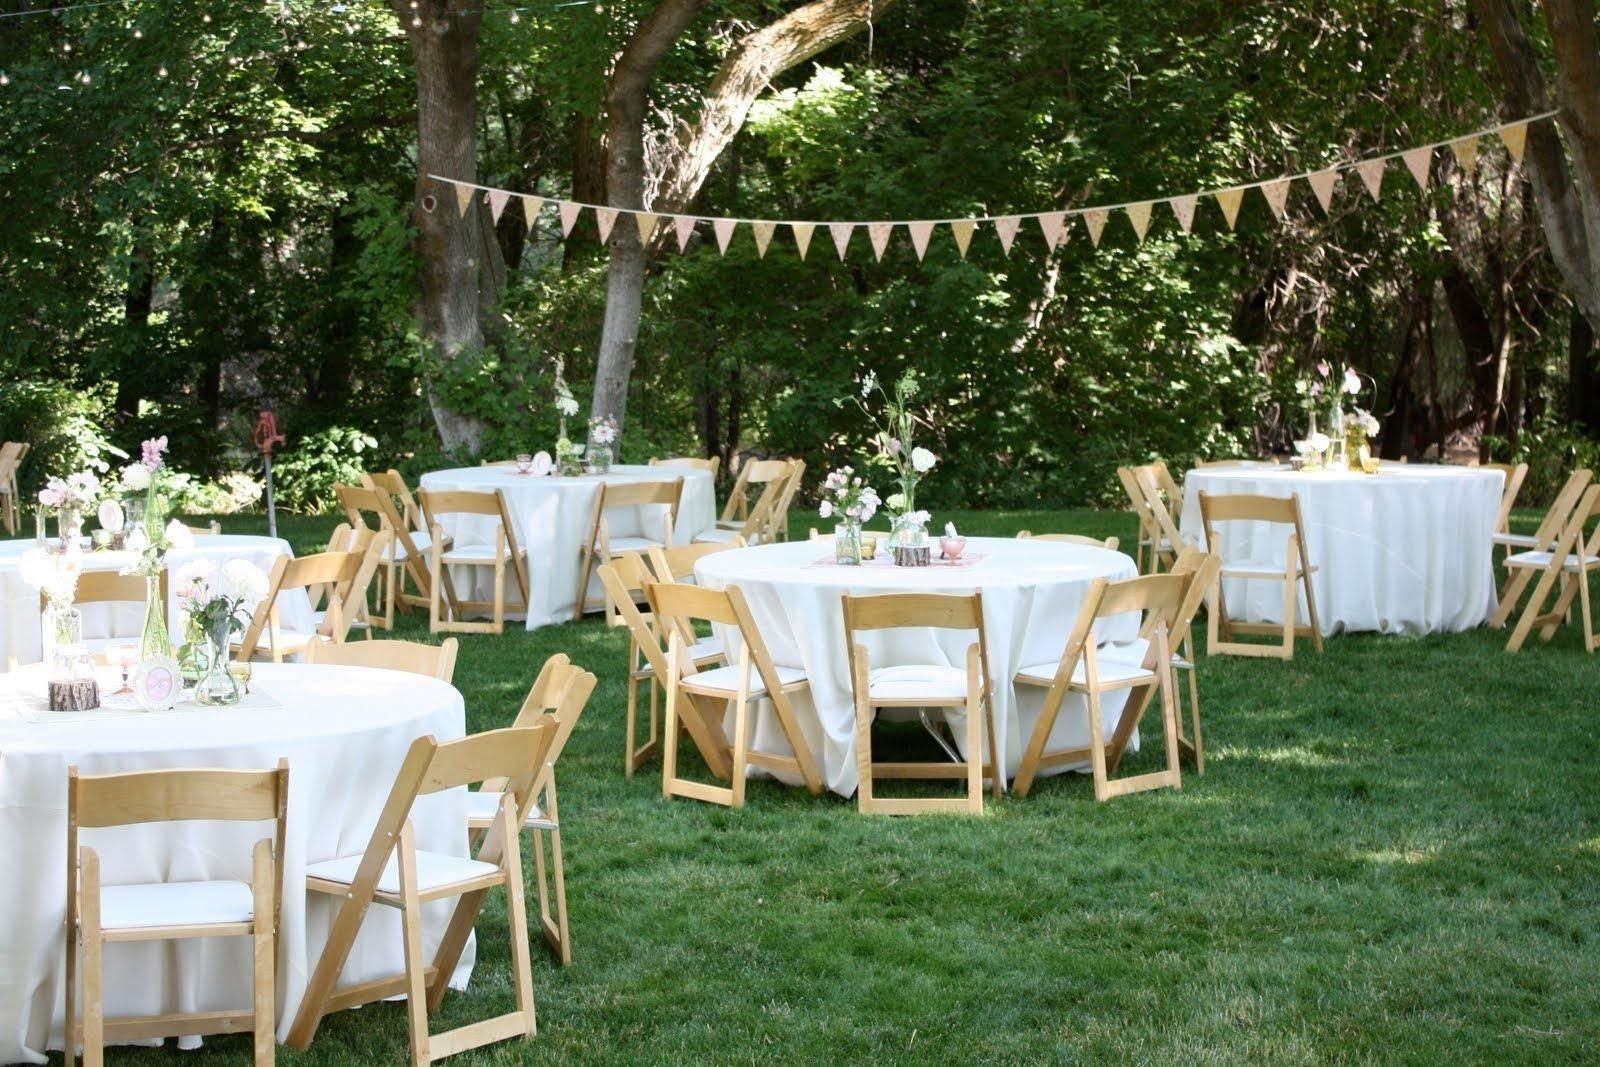 10 Ideal Wedding Ideas For Small Weddings backyard wedding reception decoration ideas wedding event 2021